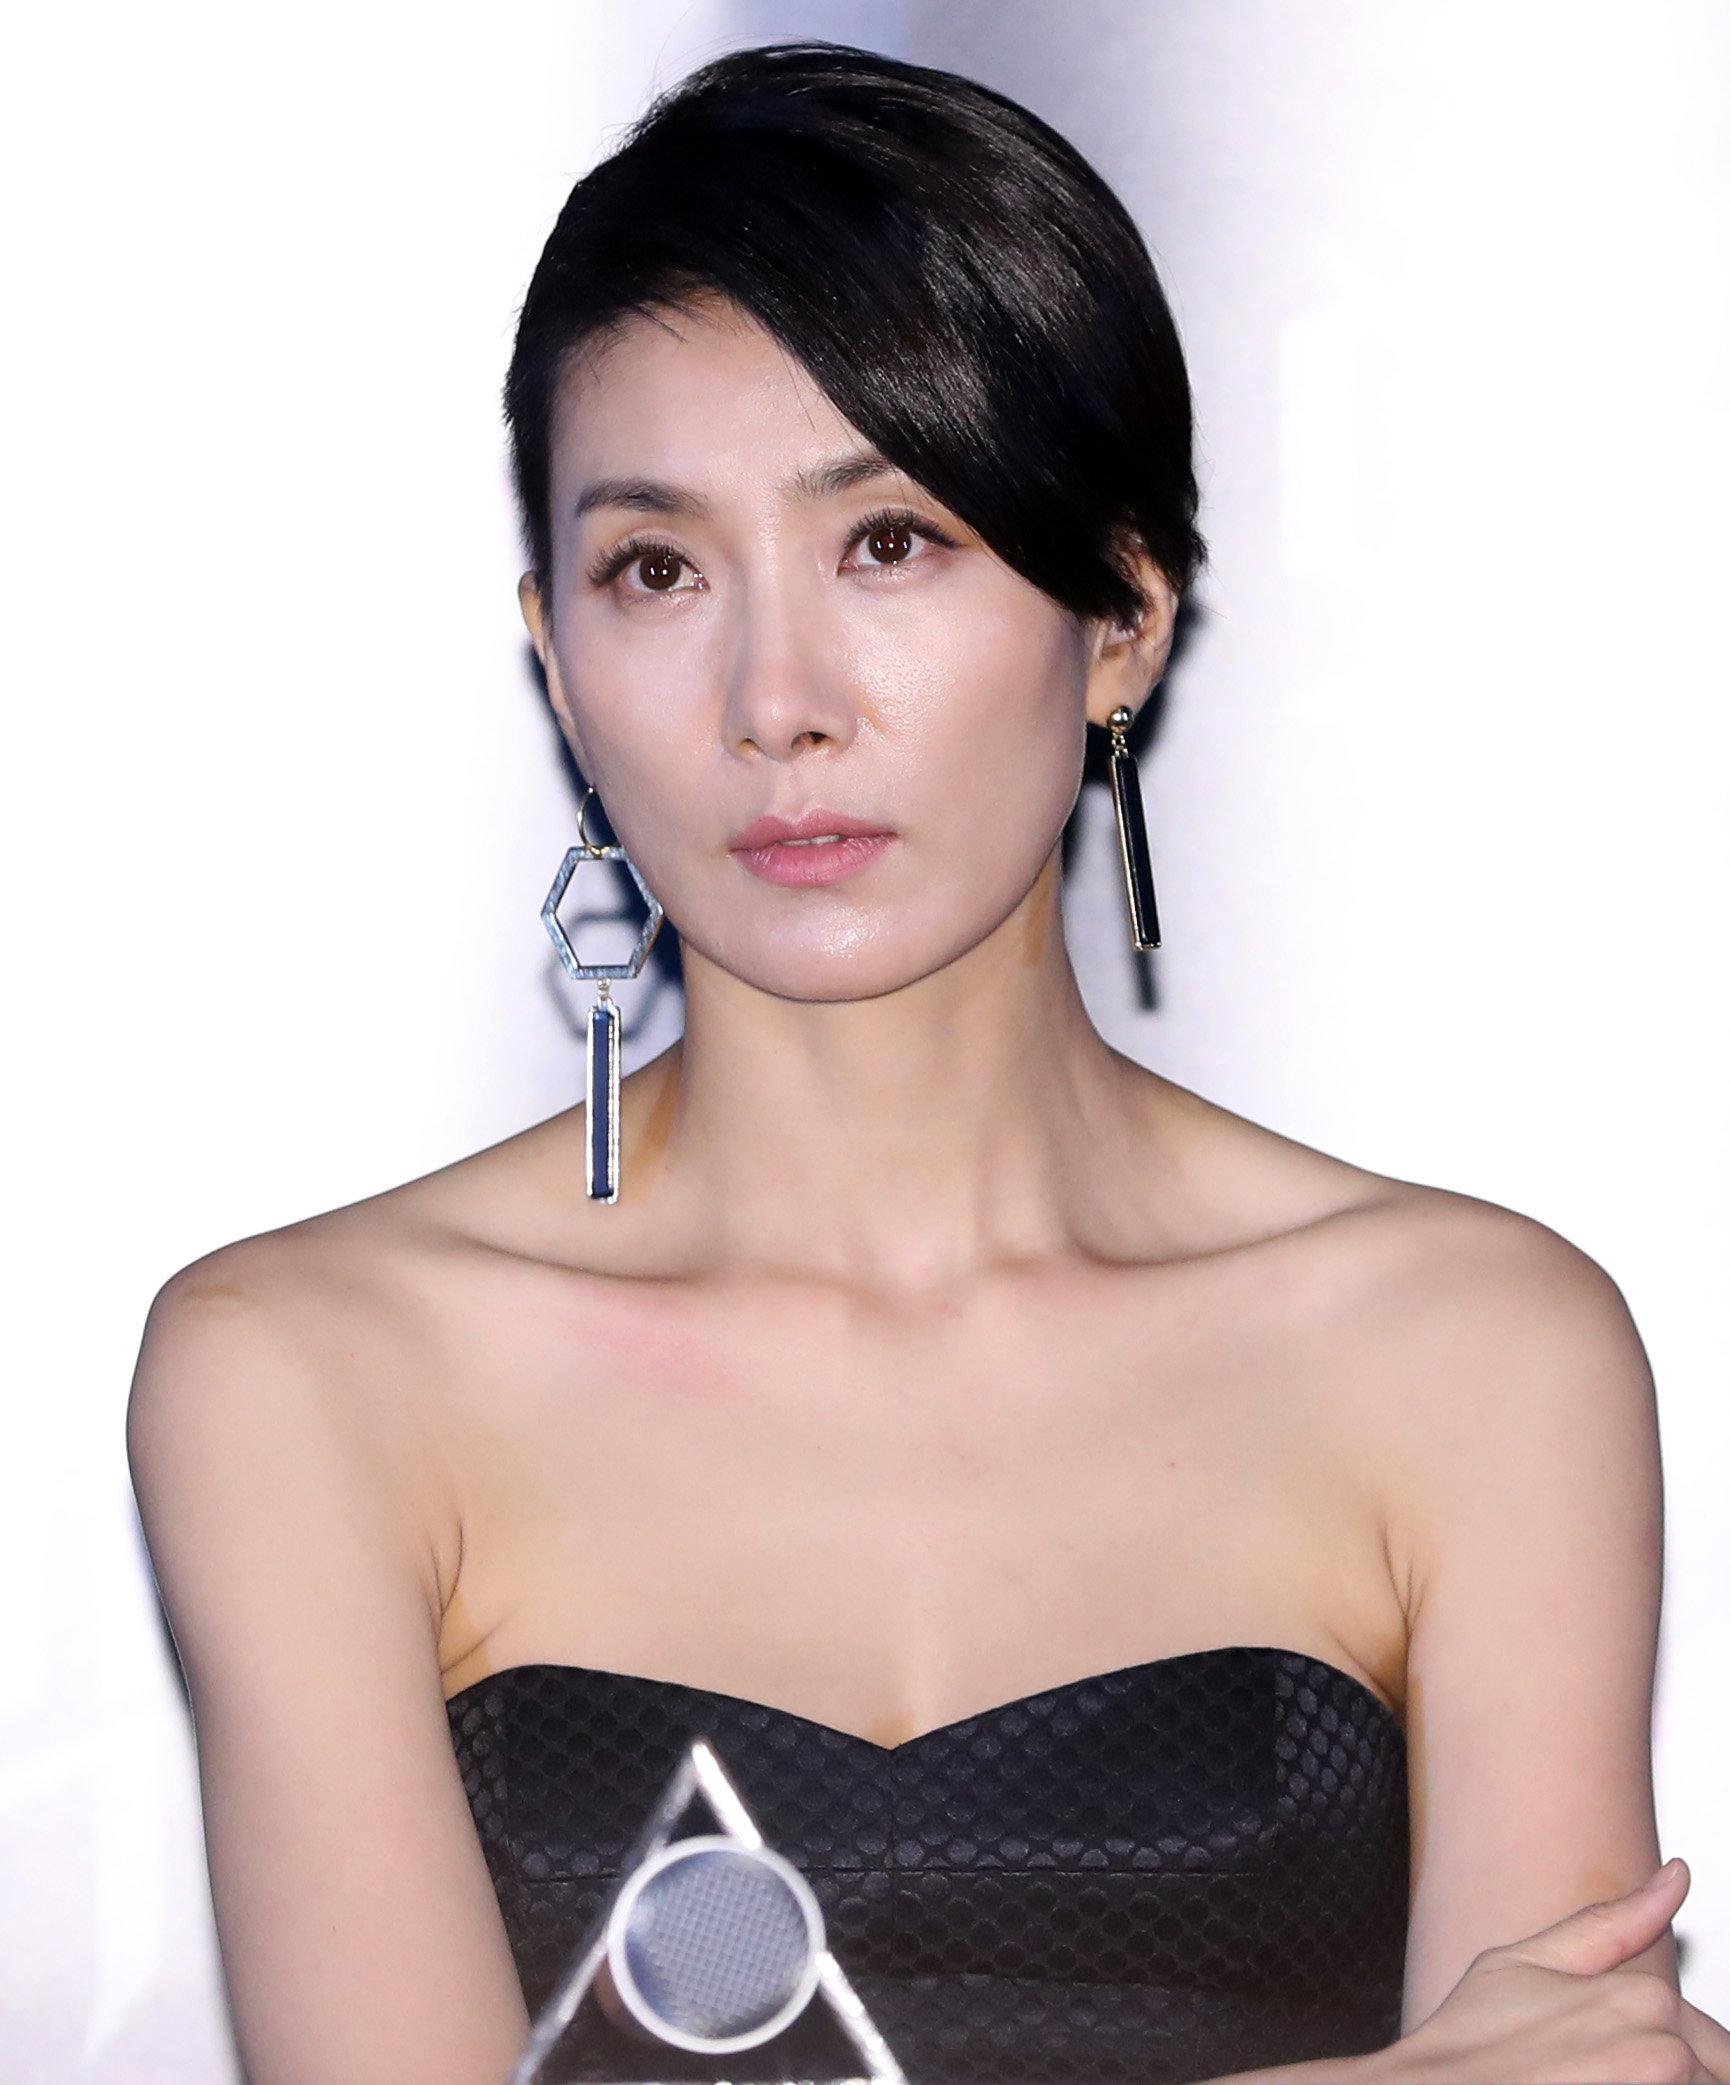 배우 김서형이 '결혼설 해프닝'에 불쾌함을